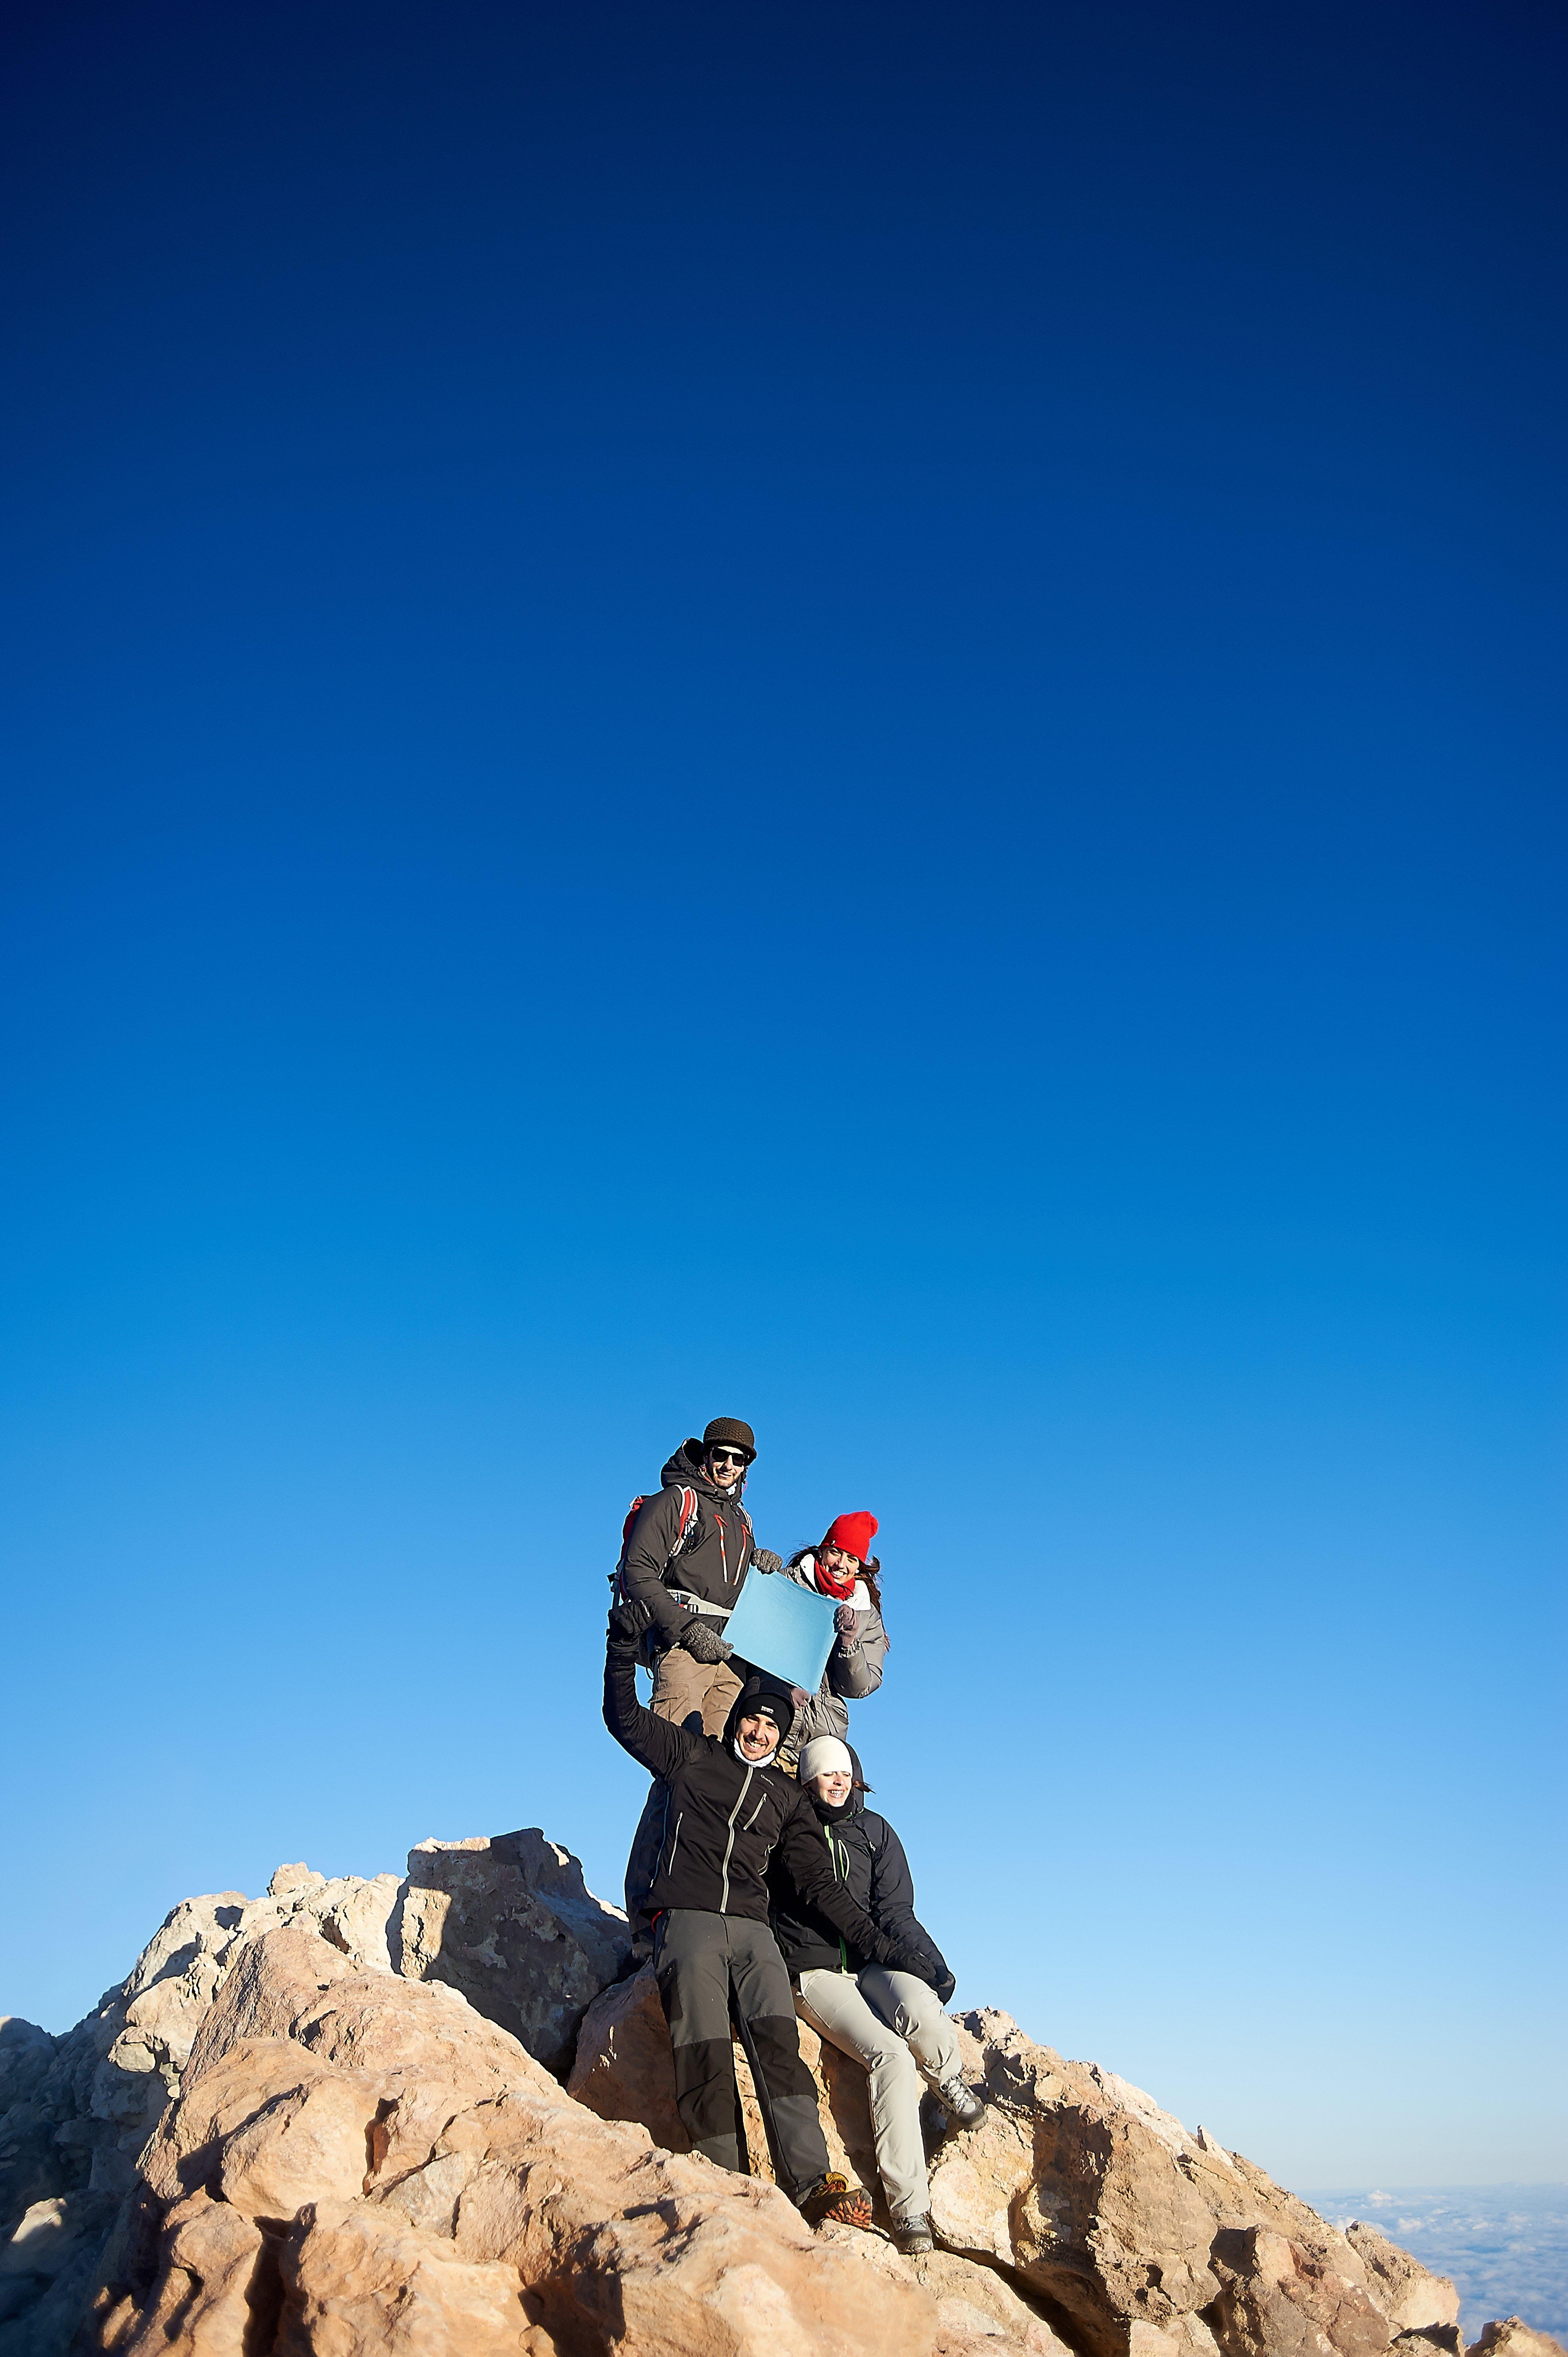 Subir al pico del Teide con teleférico